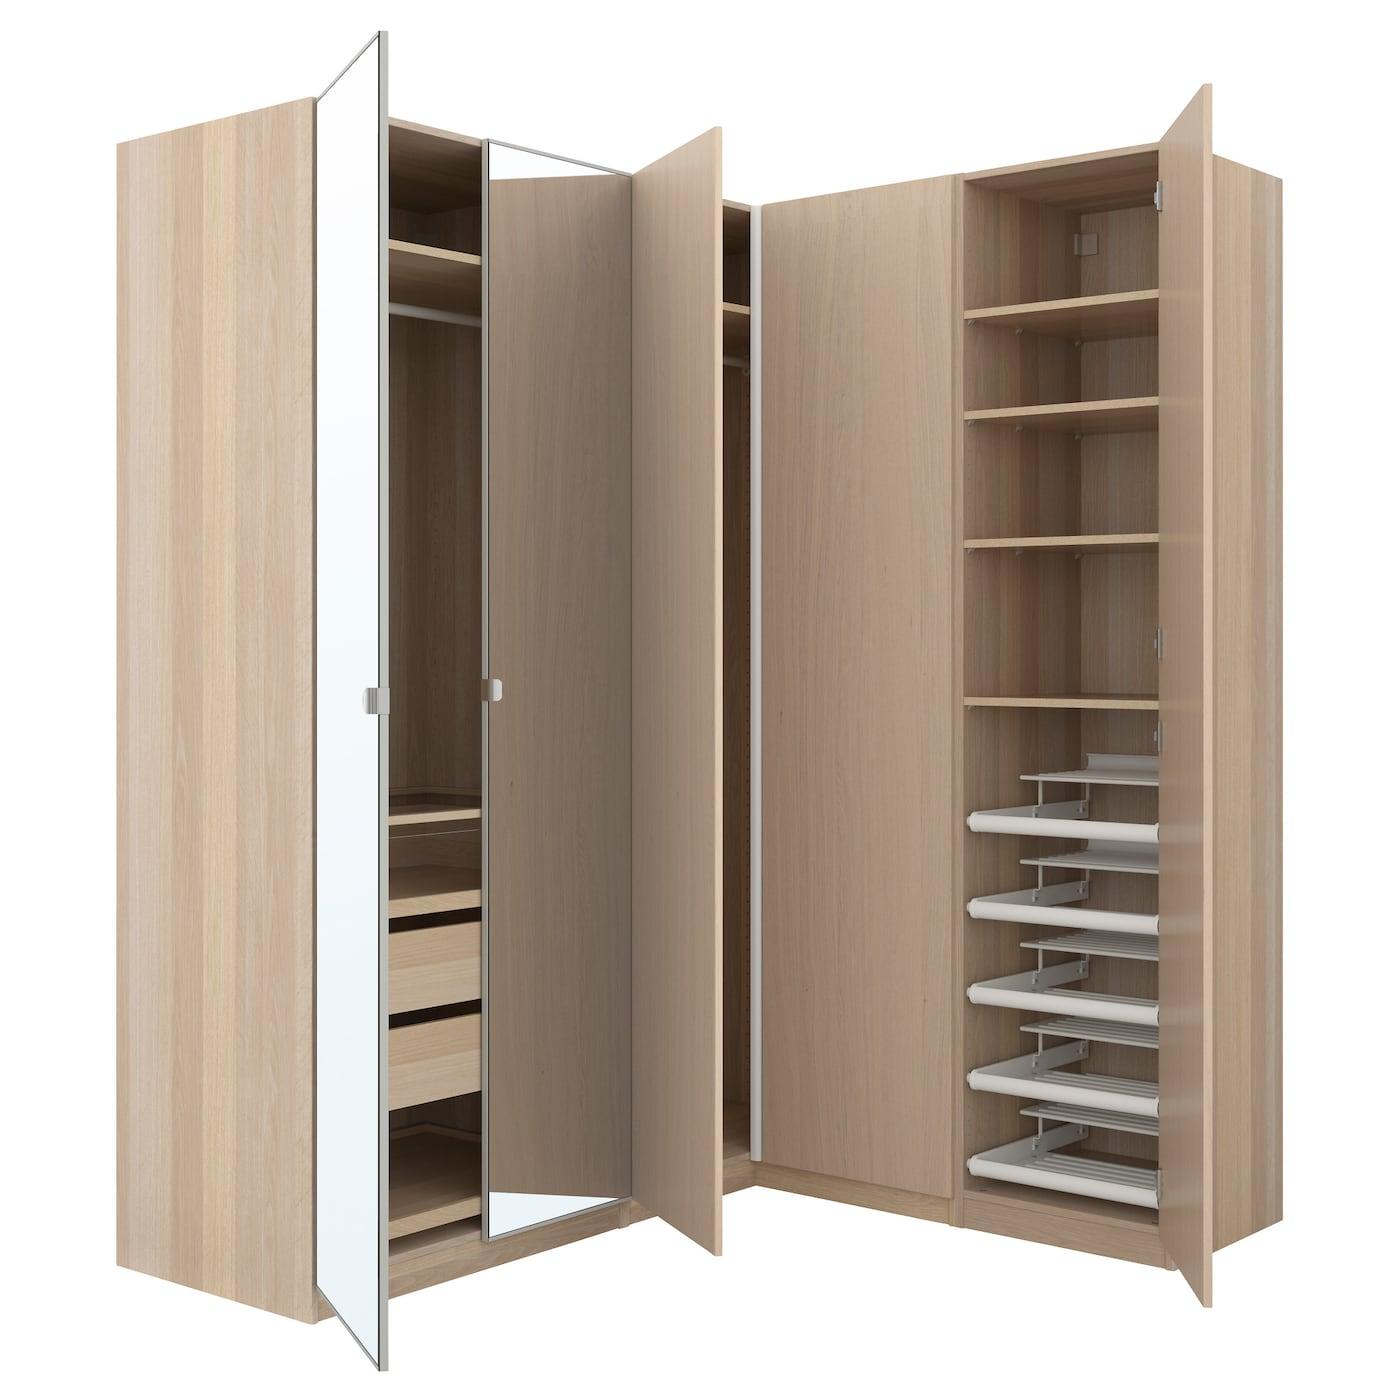 PAX Eckkleiderschrank - 210/188x201 cm - IKEA